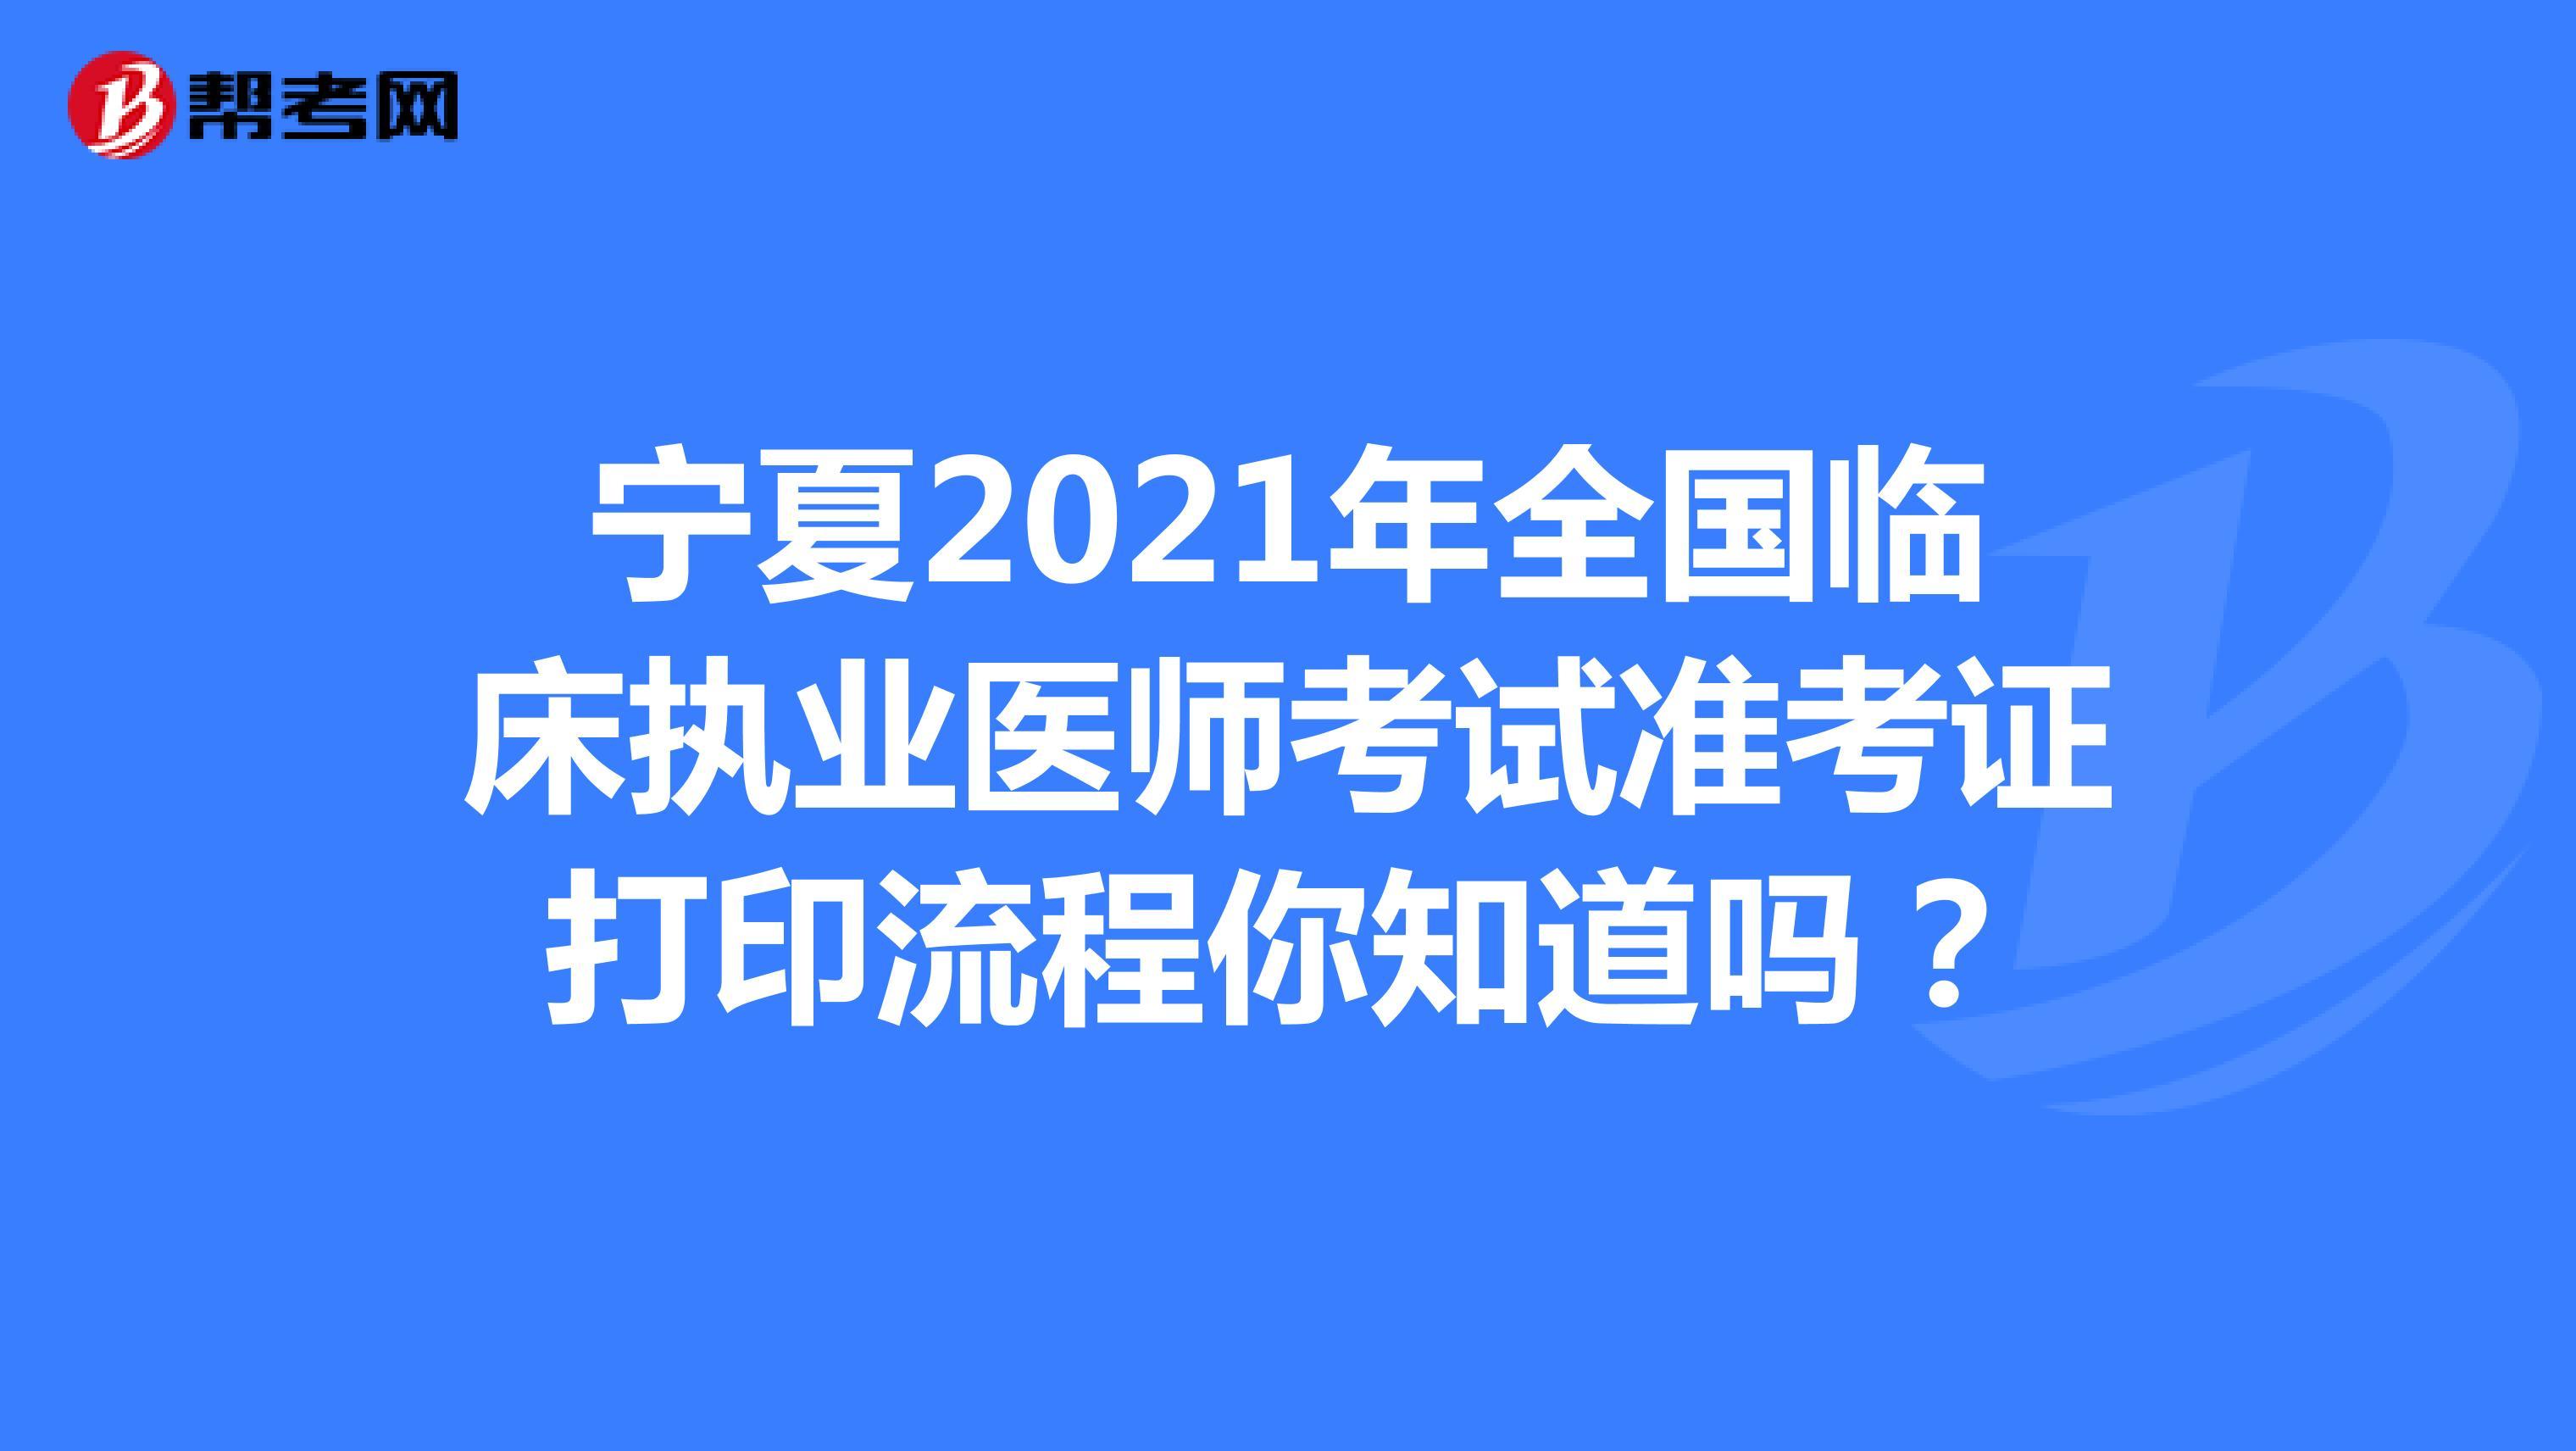 宁夏2021年全国临床执业医师考试准考证打印流程你知道吗?